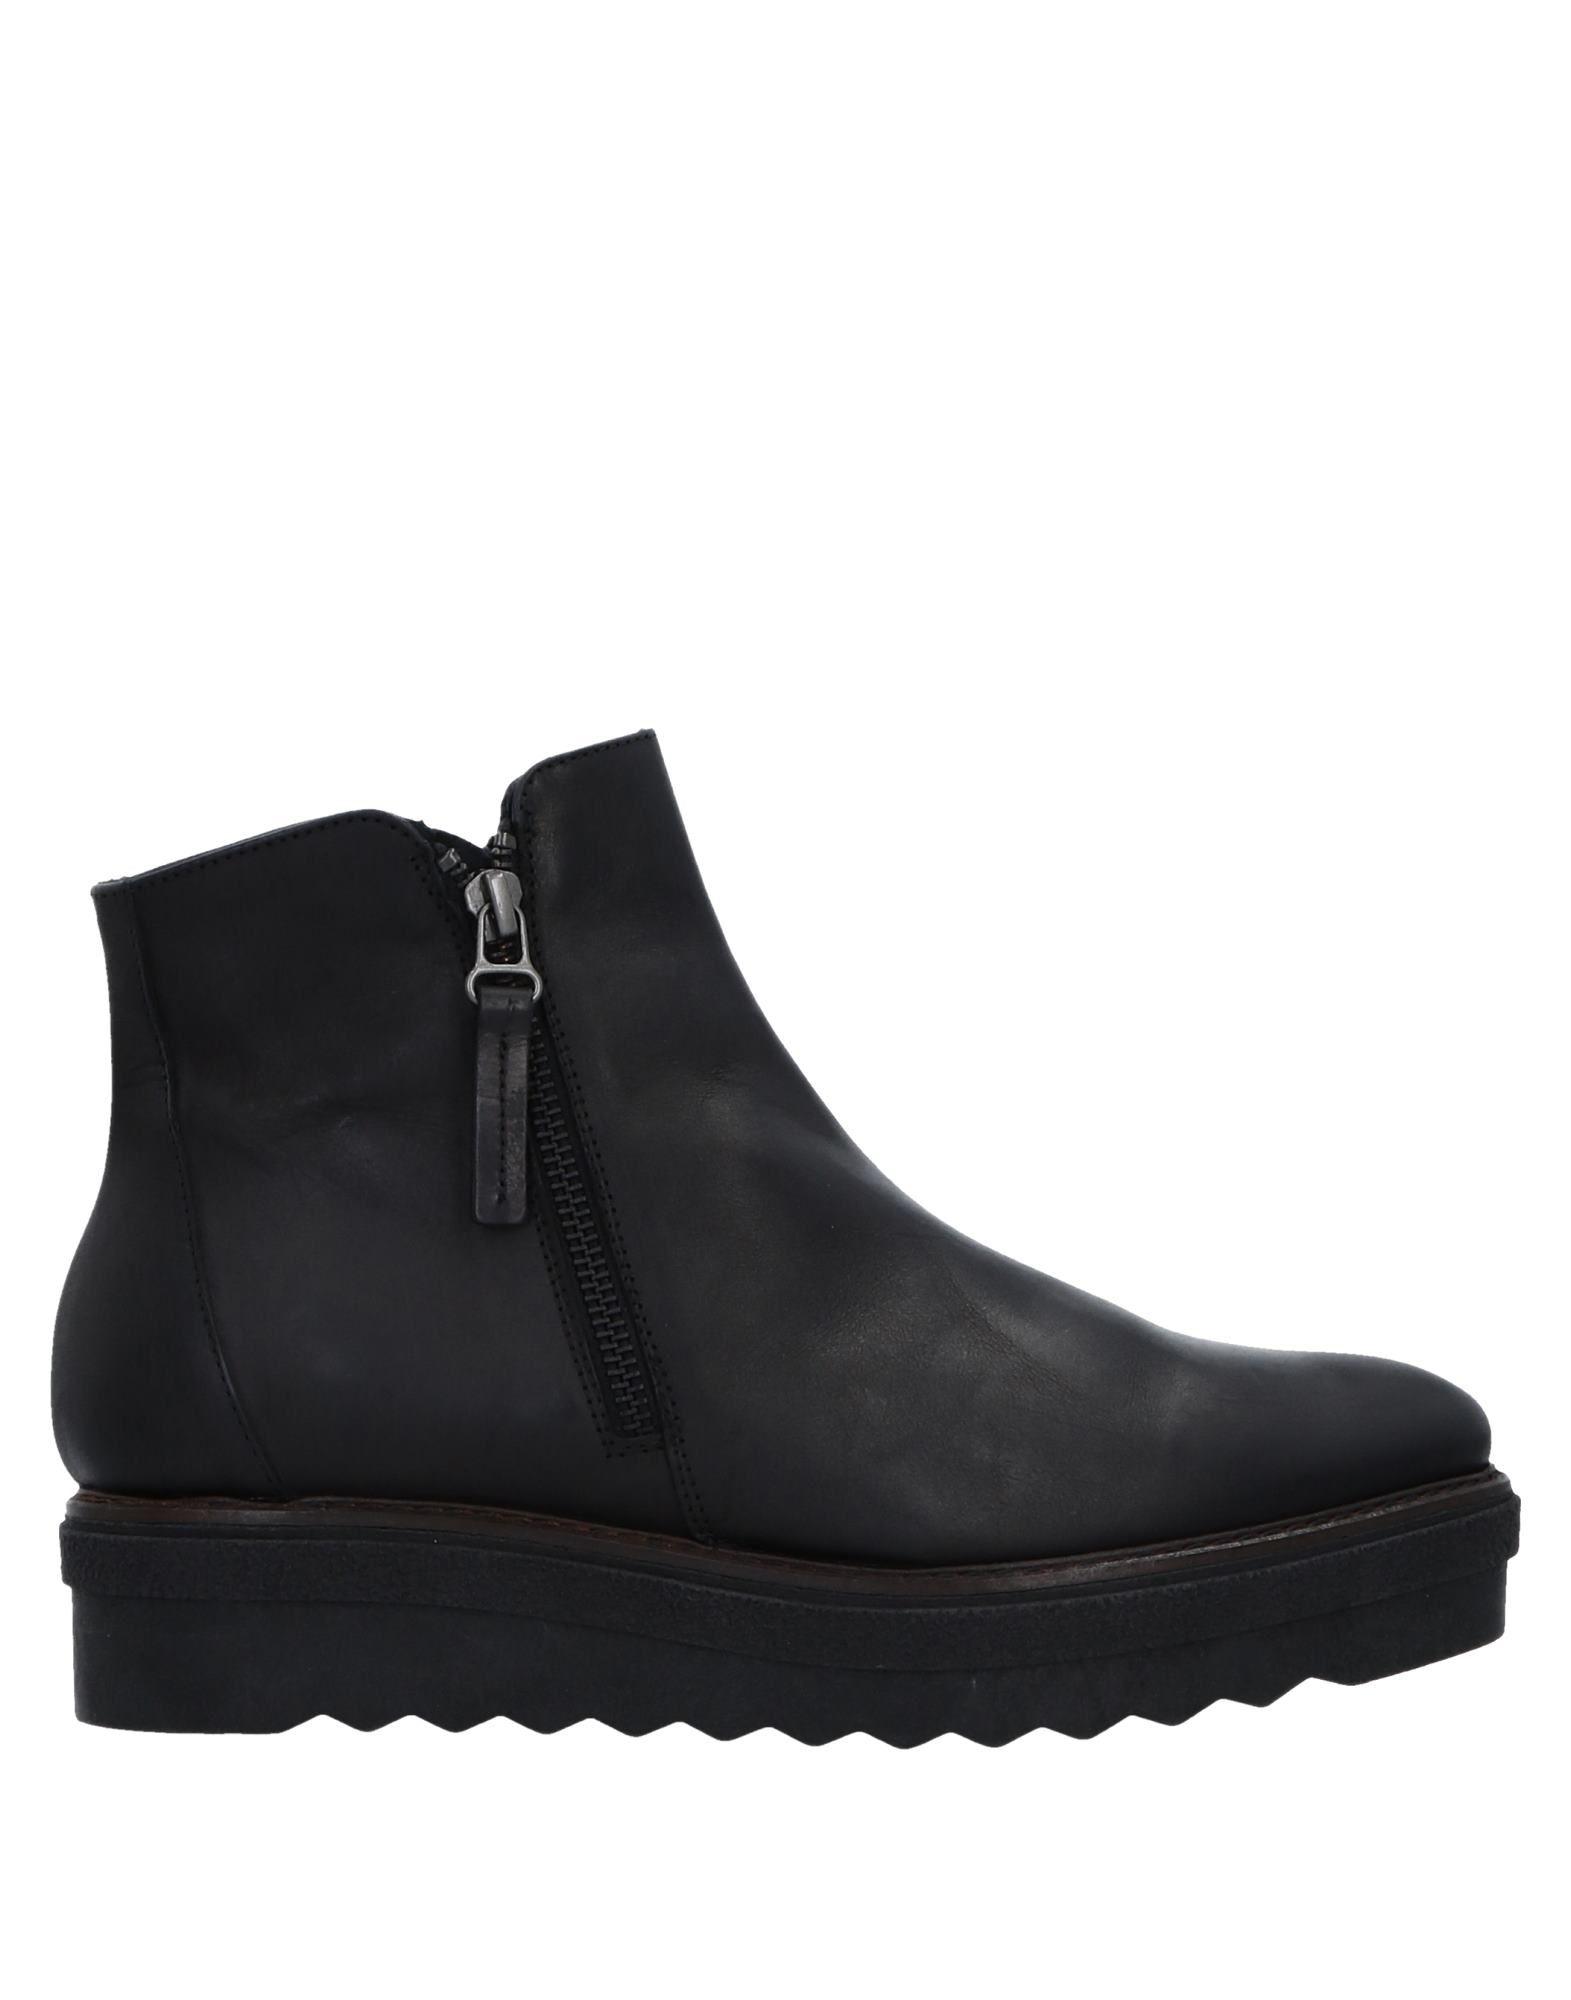 Donna Più Stiefelette Damen Schuhe  11514313LM Gute Qualität beliebte Schuhe Damen 54c164